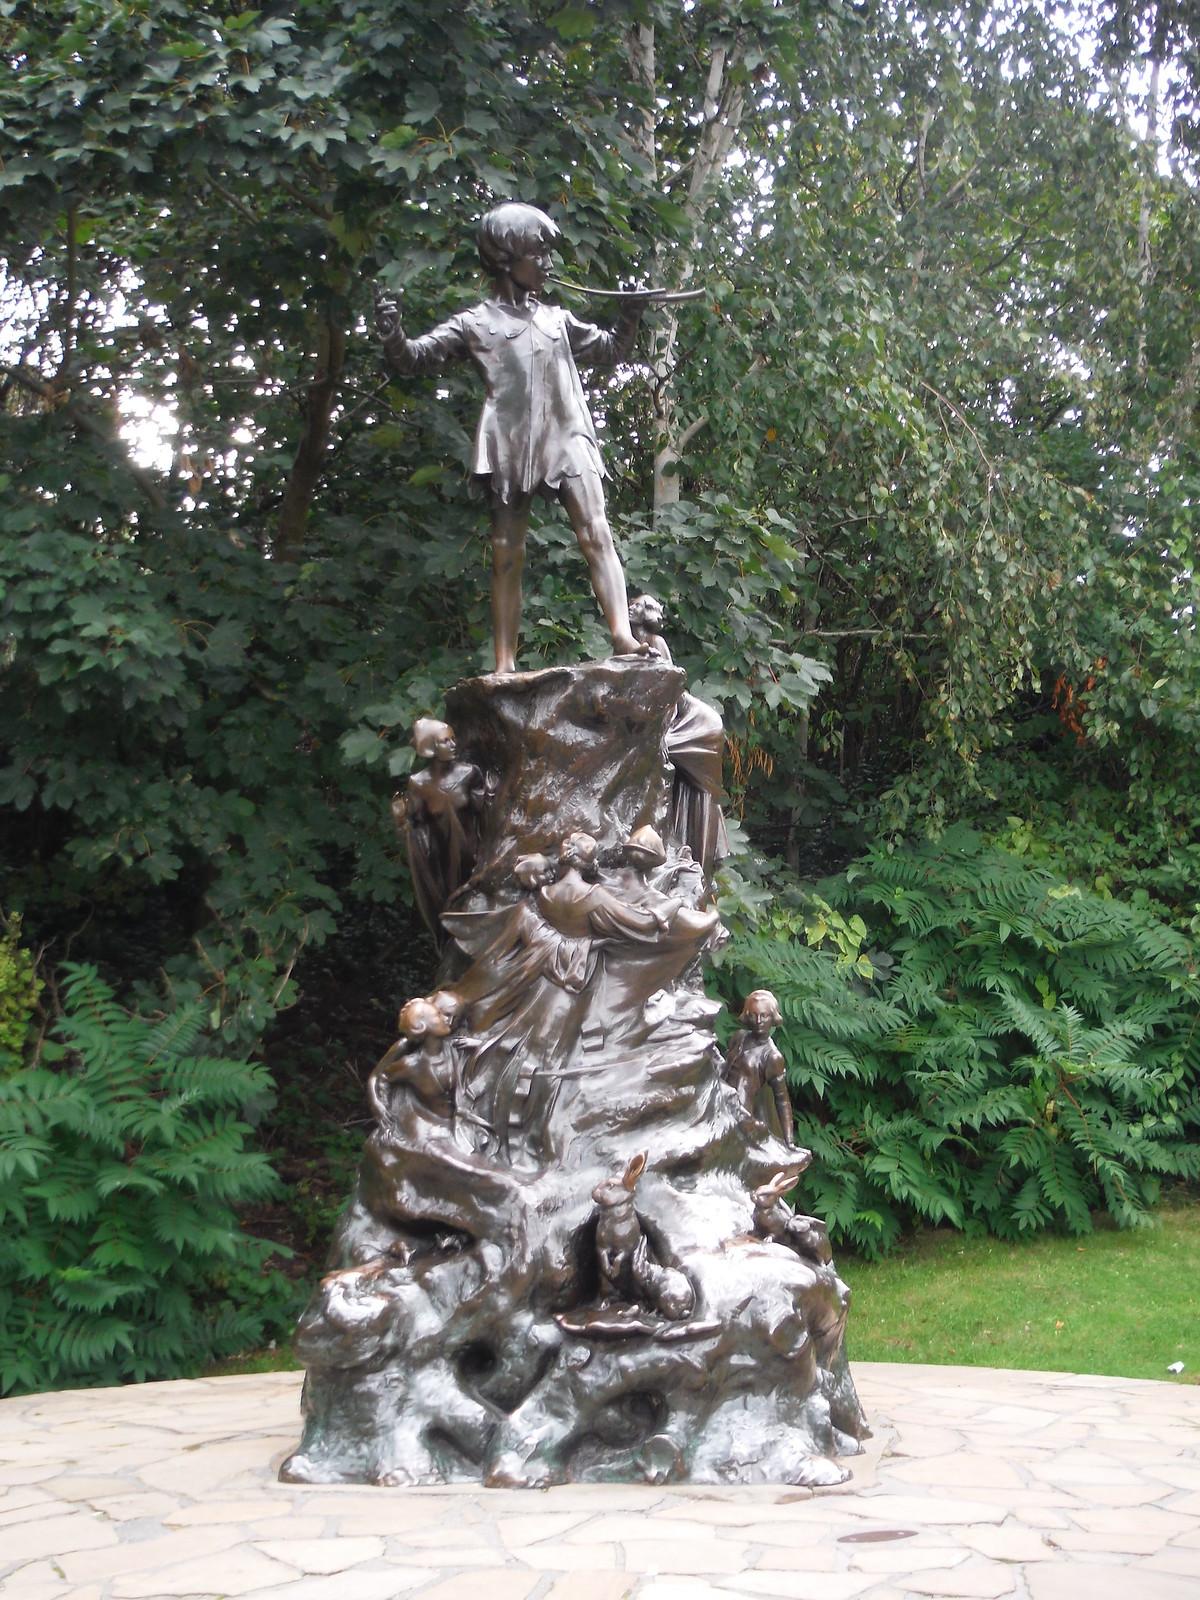 Peter Pan Sculpture, Kensington Gardens SWC Short Walk 19 - Royal Parks